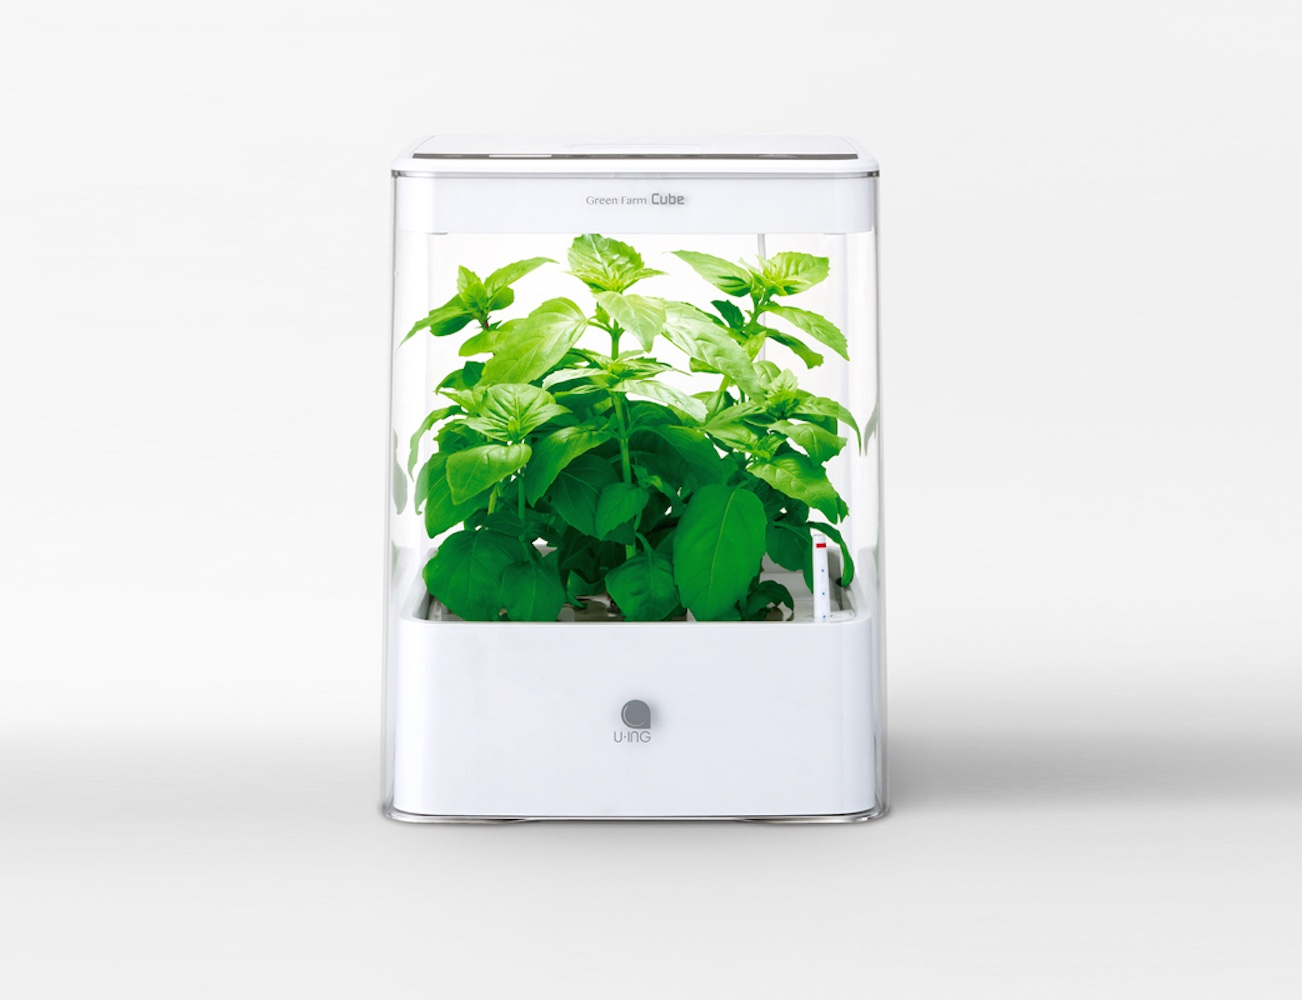 Cube+Green+Farm+Hydroponic+Grow+Box+By+U-ING